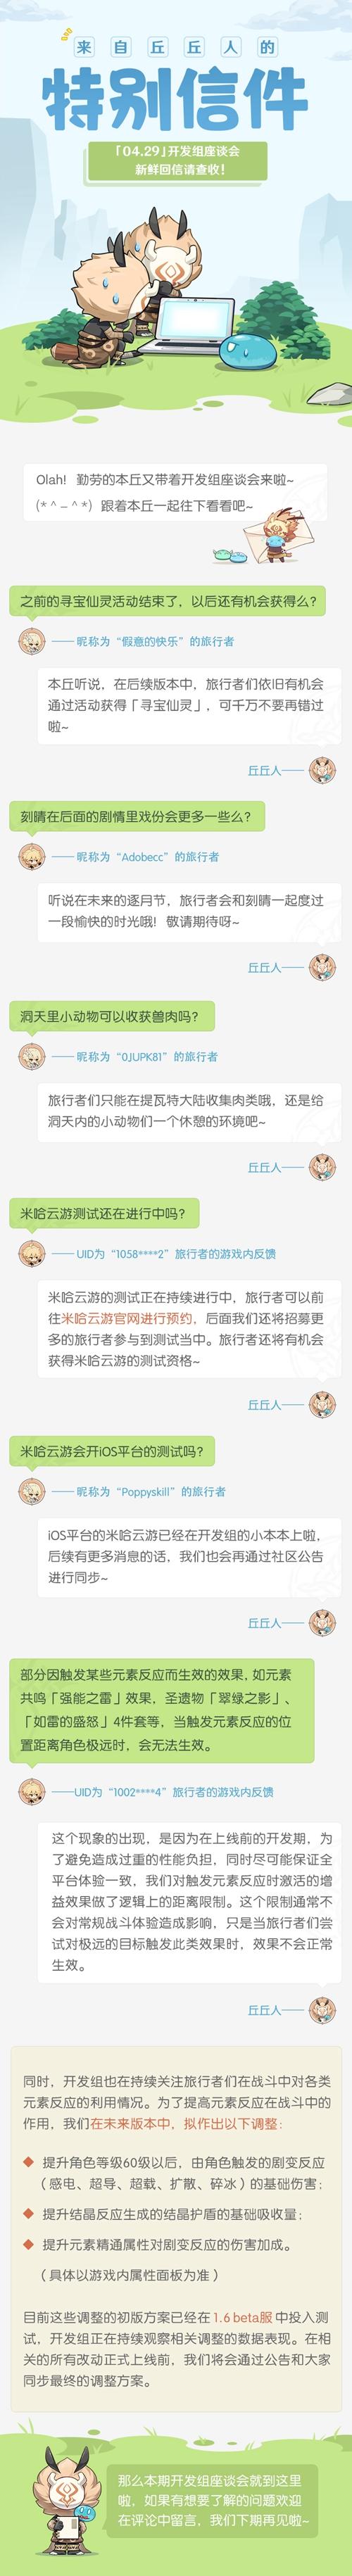 原神04.29开发组座谈会